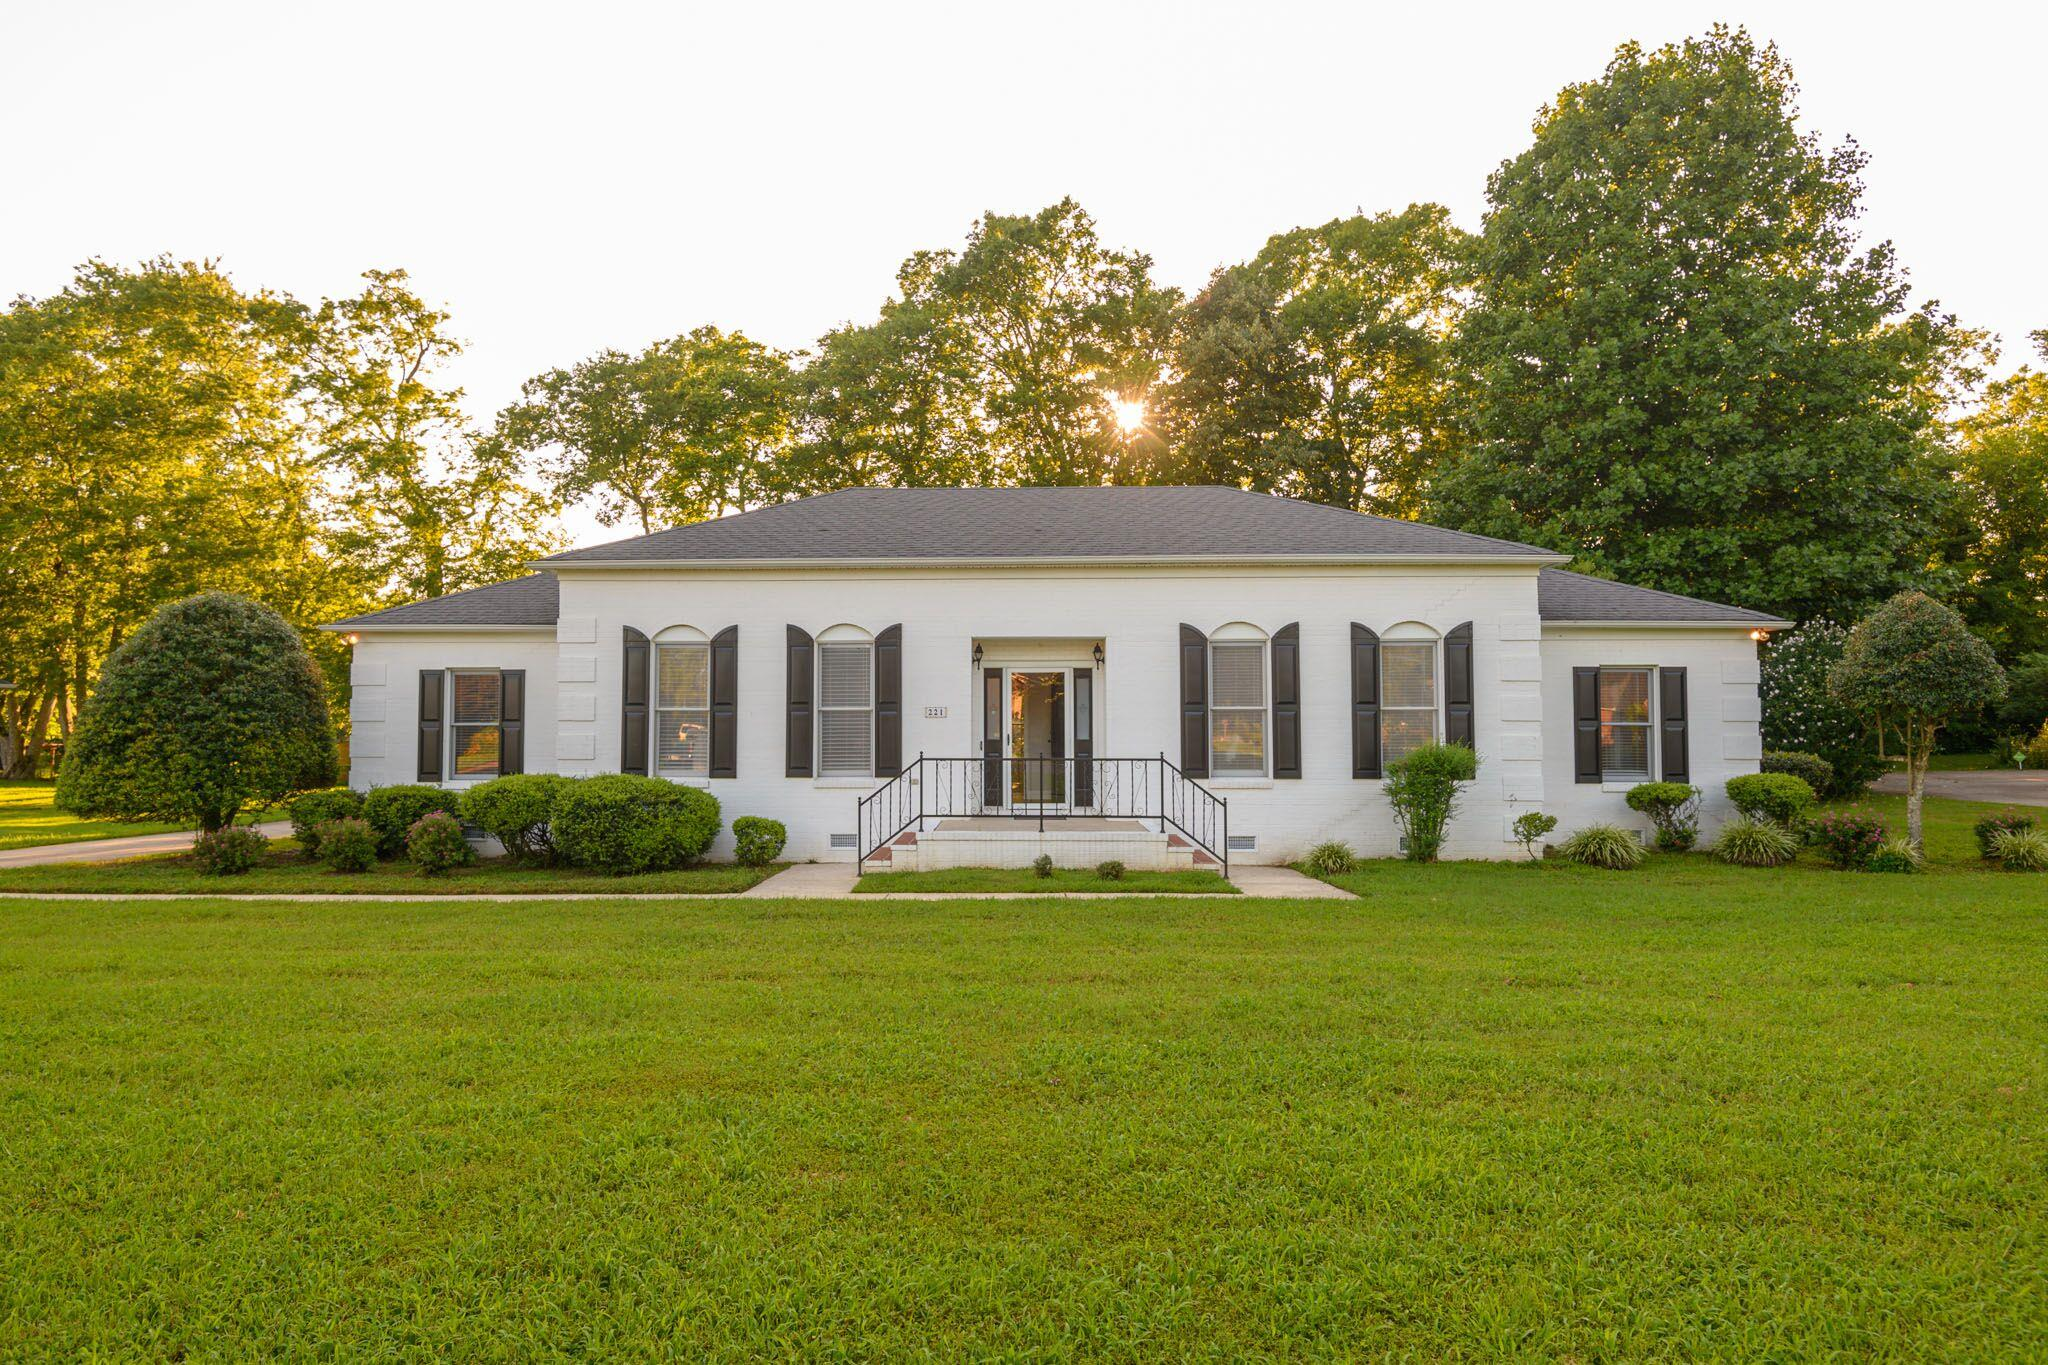 221 Megan Cir, Shelbyville, TN 37160 - Shelbyville, TN real estate listing